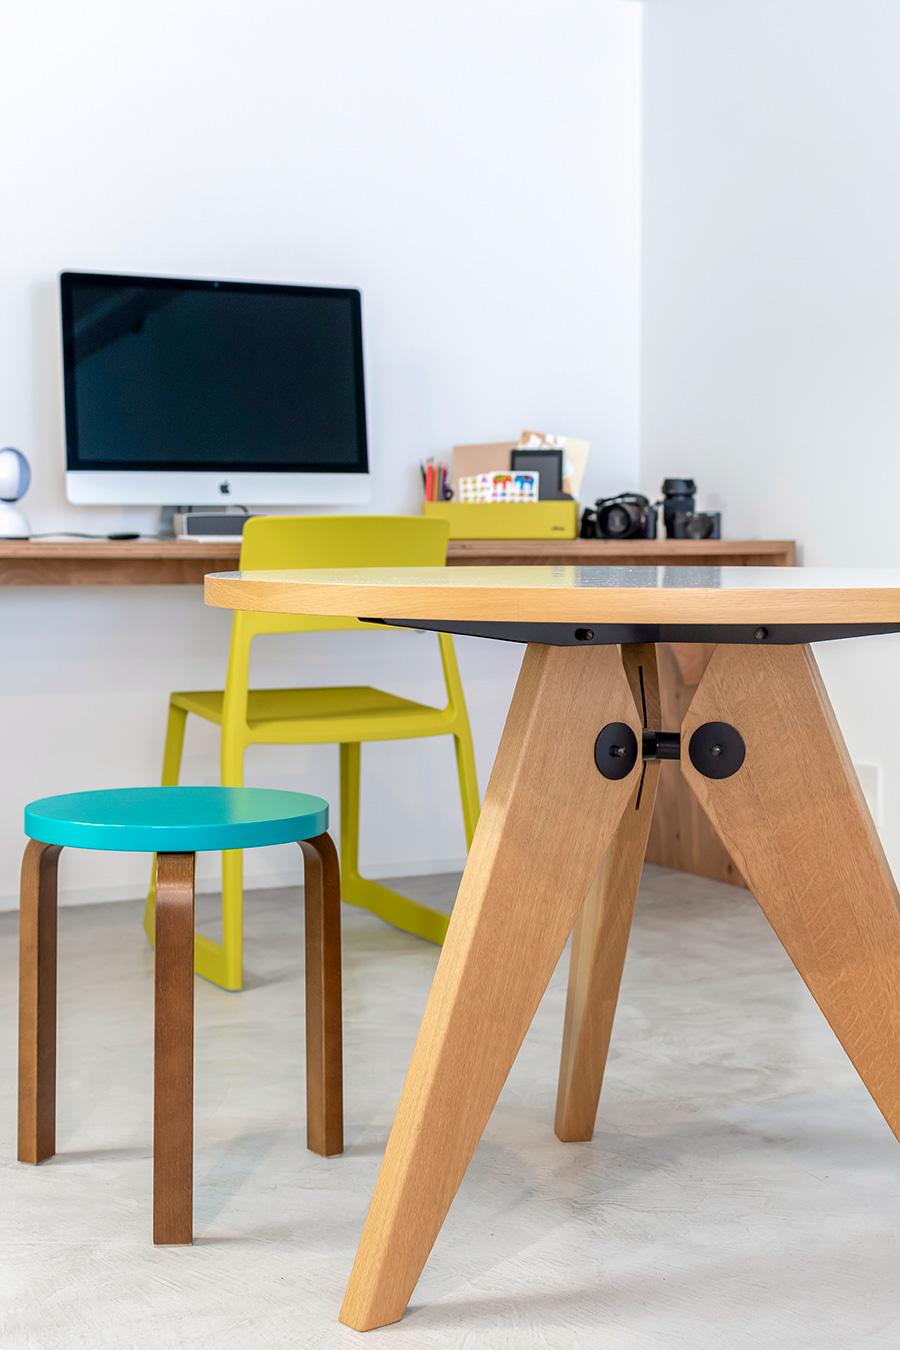 丸テーブルはスイスの家具ブランド「Vitra」のもの。